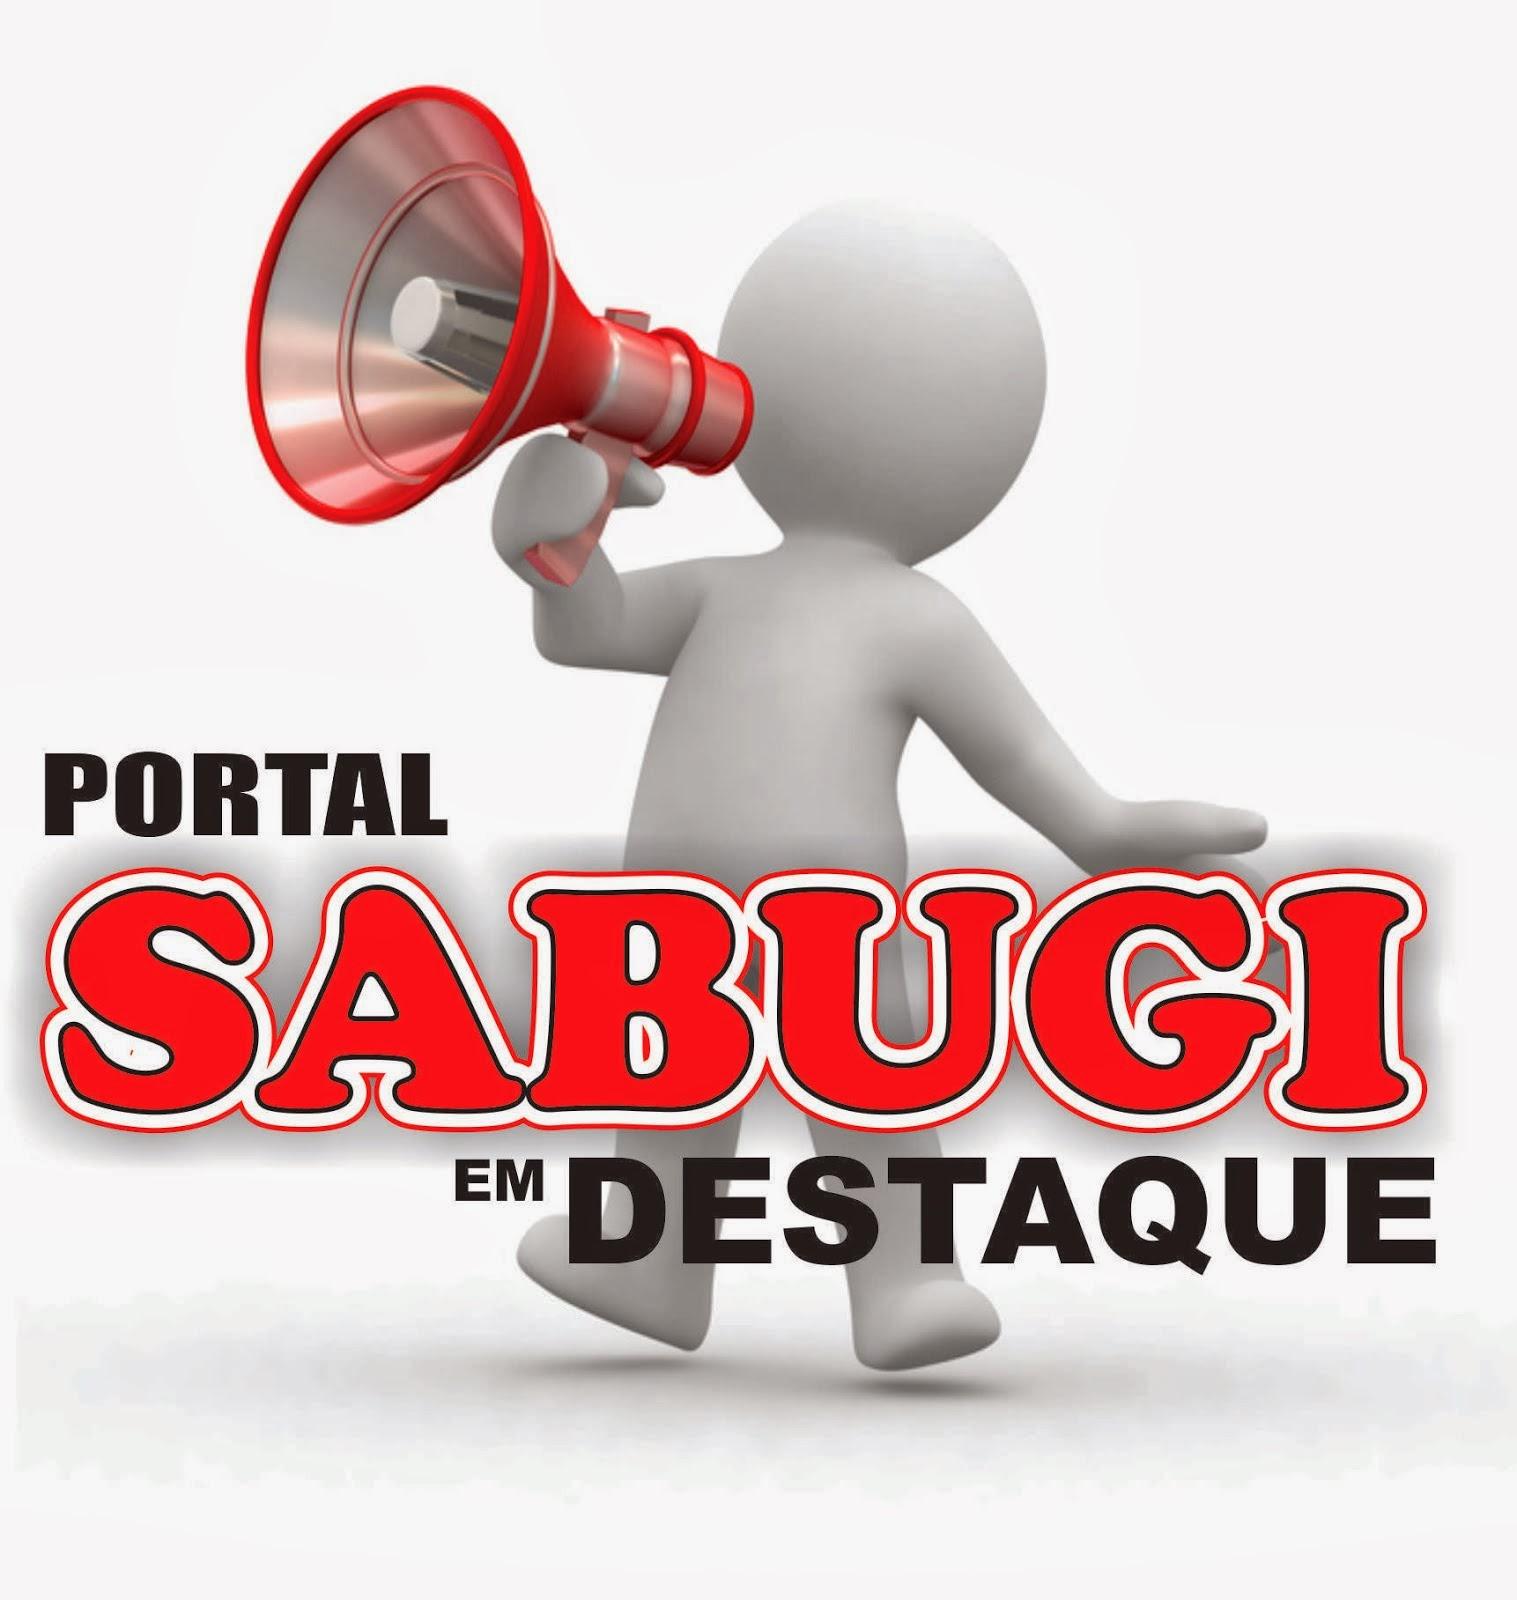 Portal Sabugi em Destaque